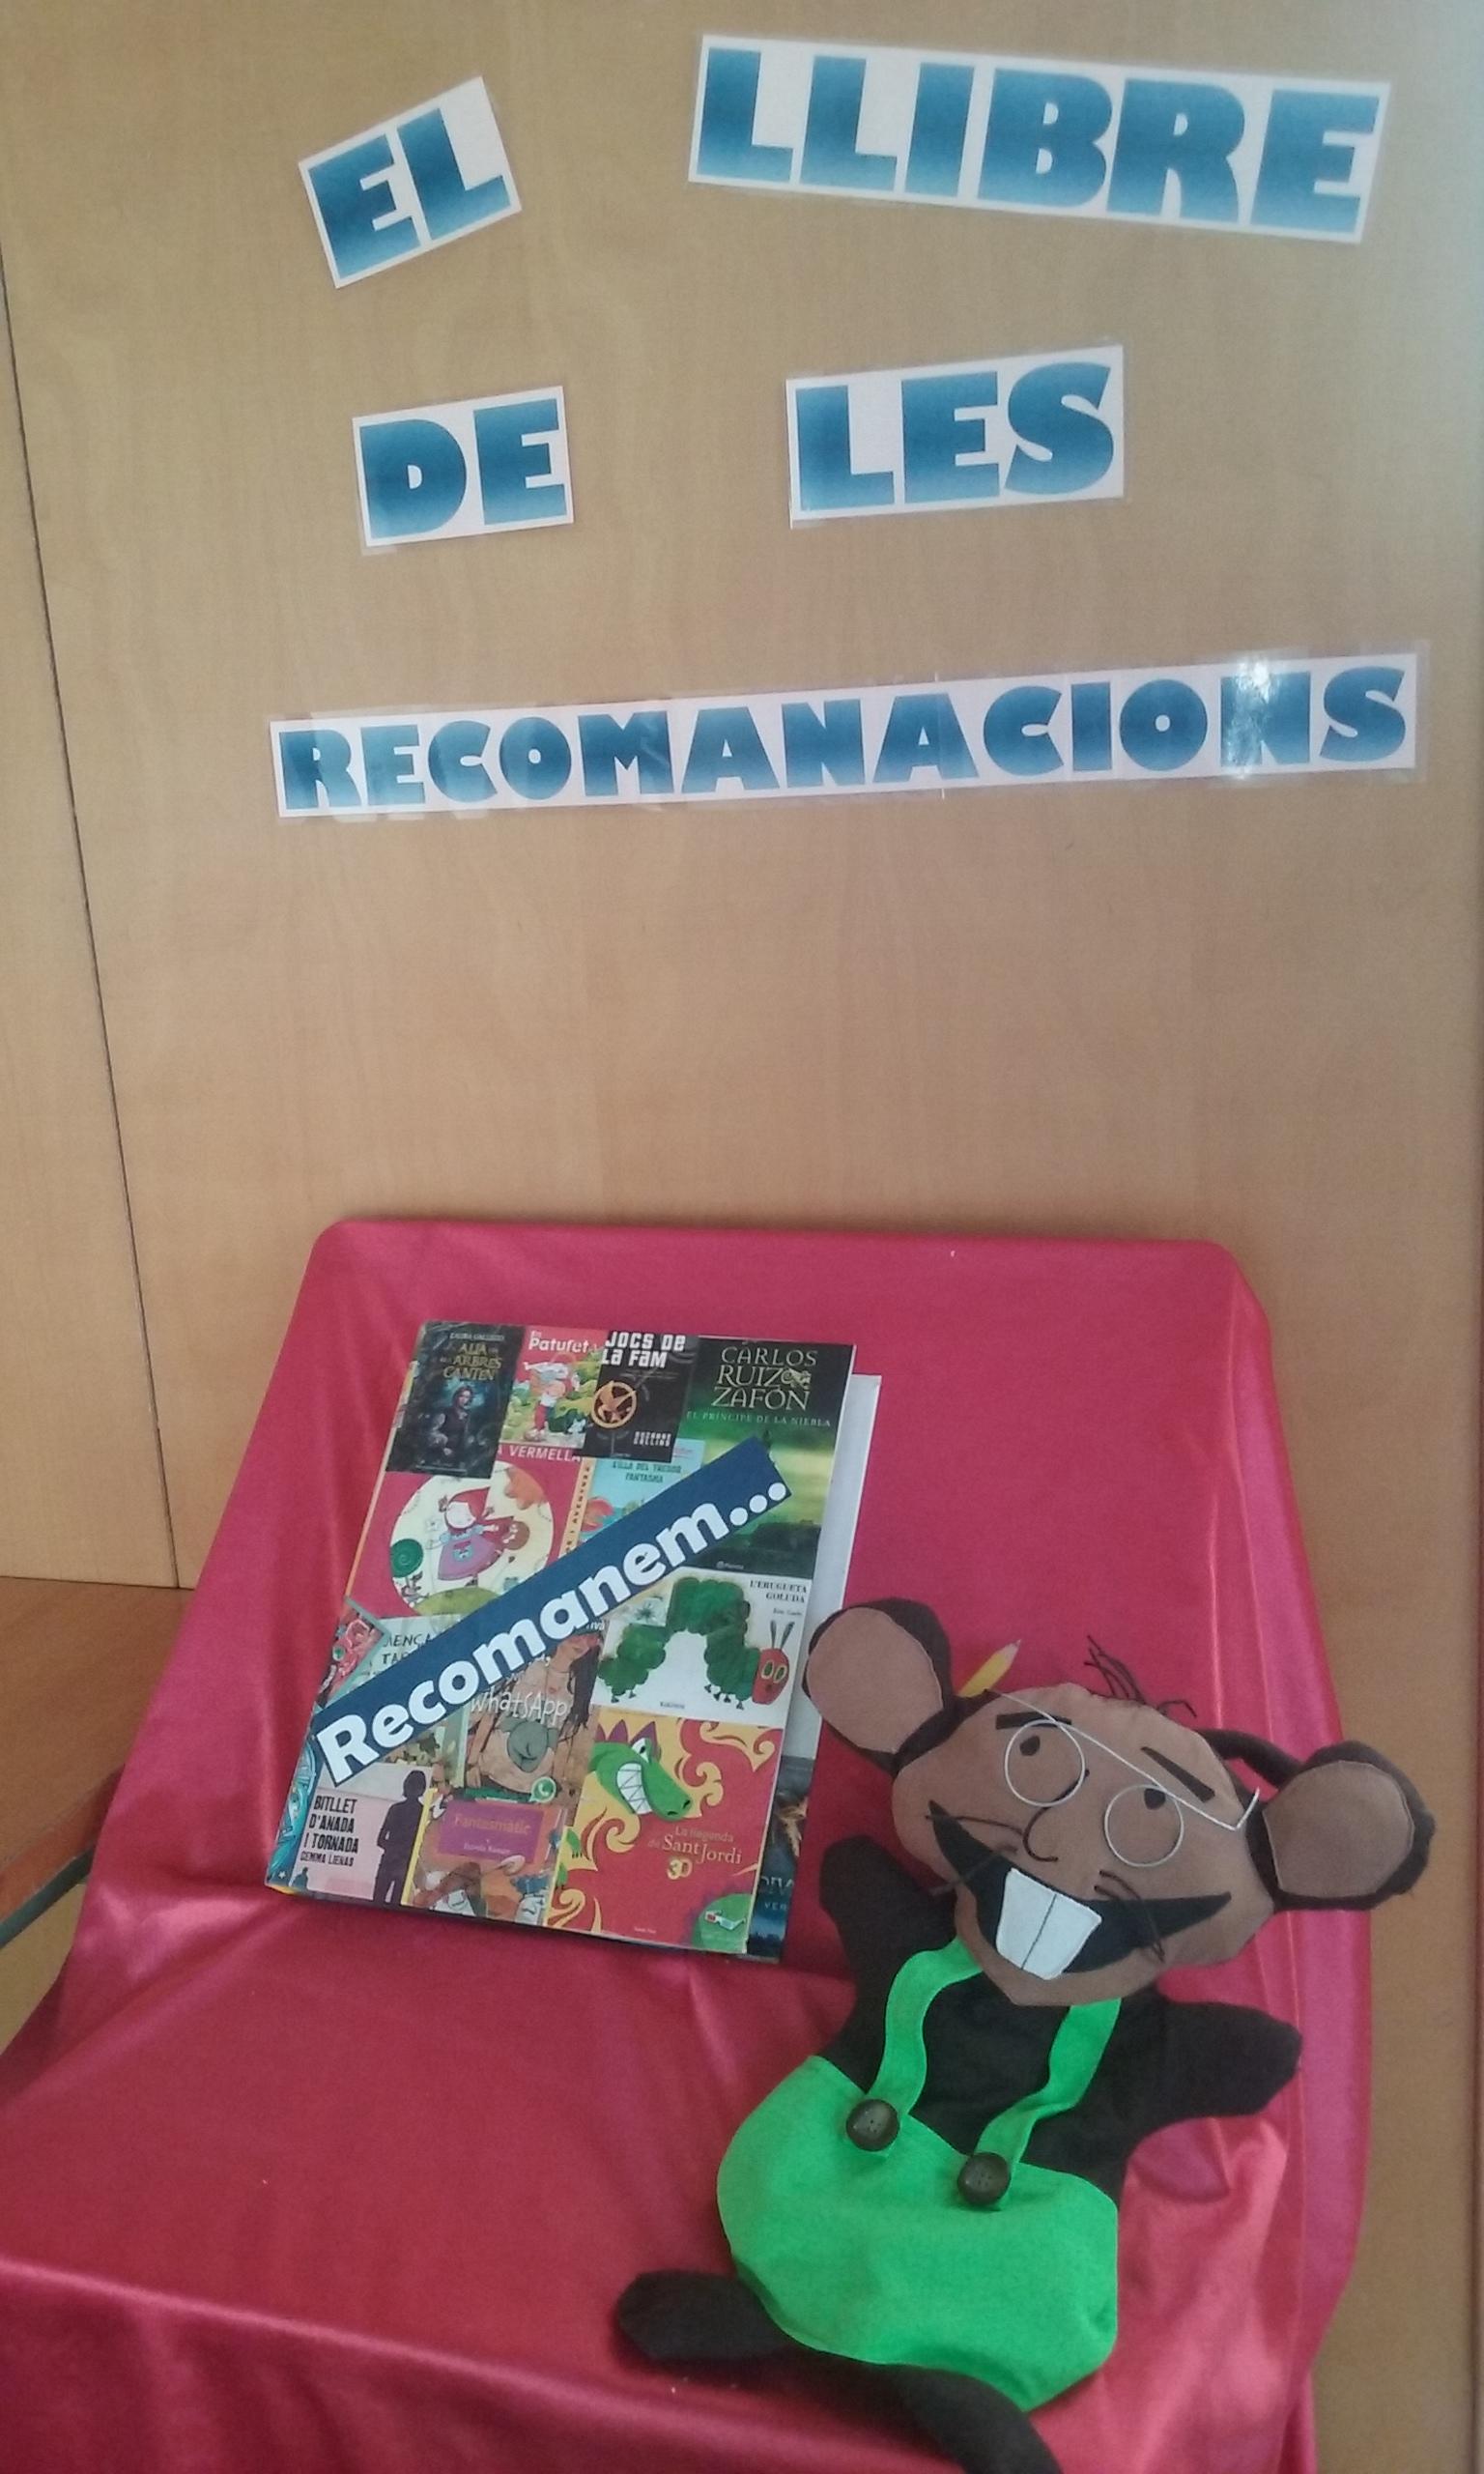 llibre-recomanacions-be-ie-mora-la-nova